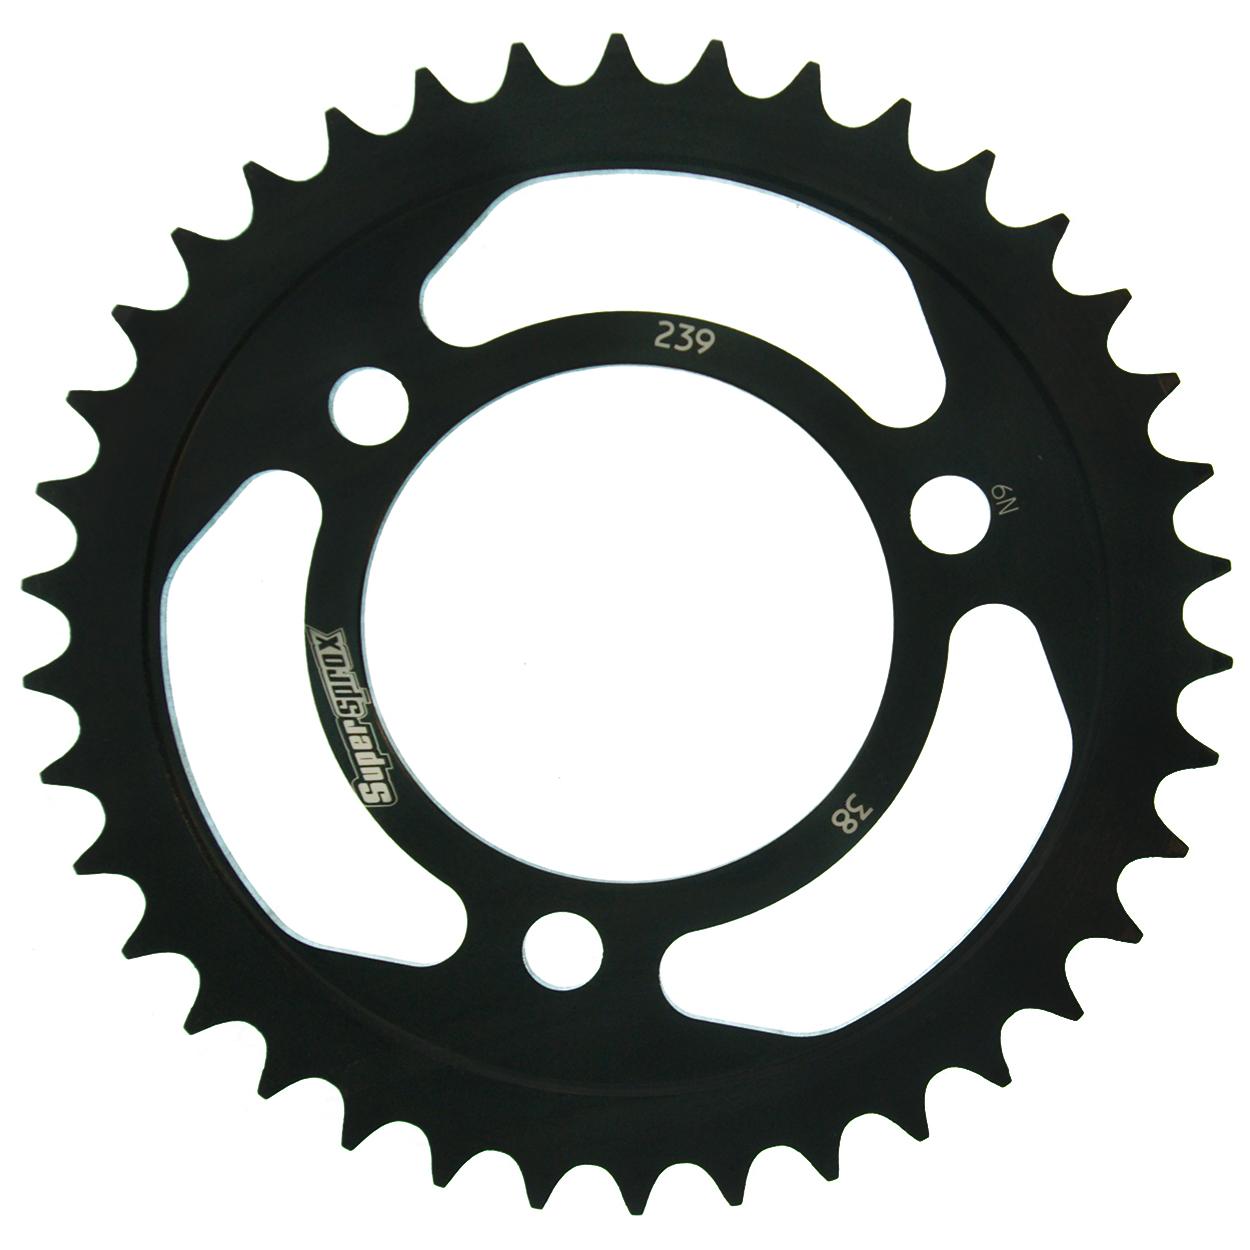 Stahl-Kettenrad Supersprox 420 - 38Z (schwarz)